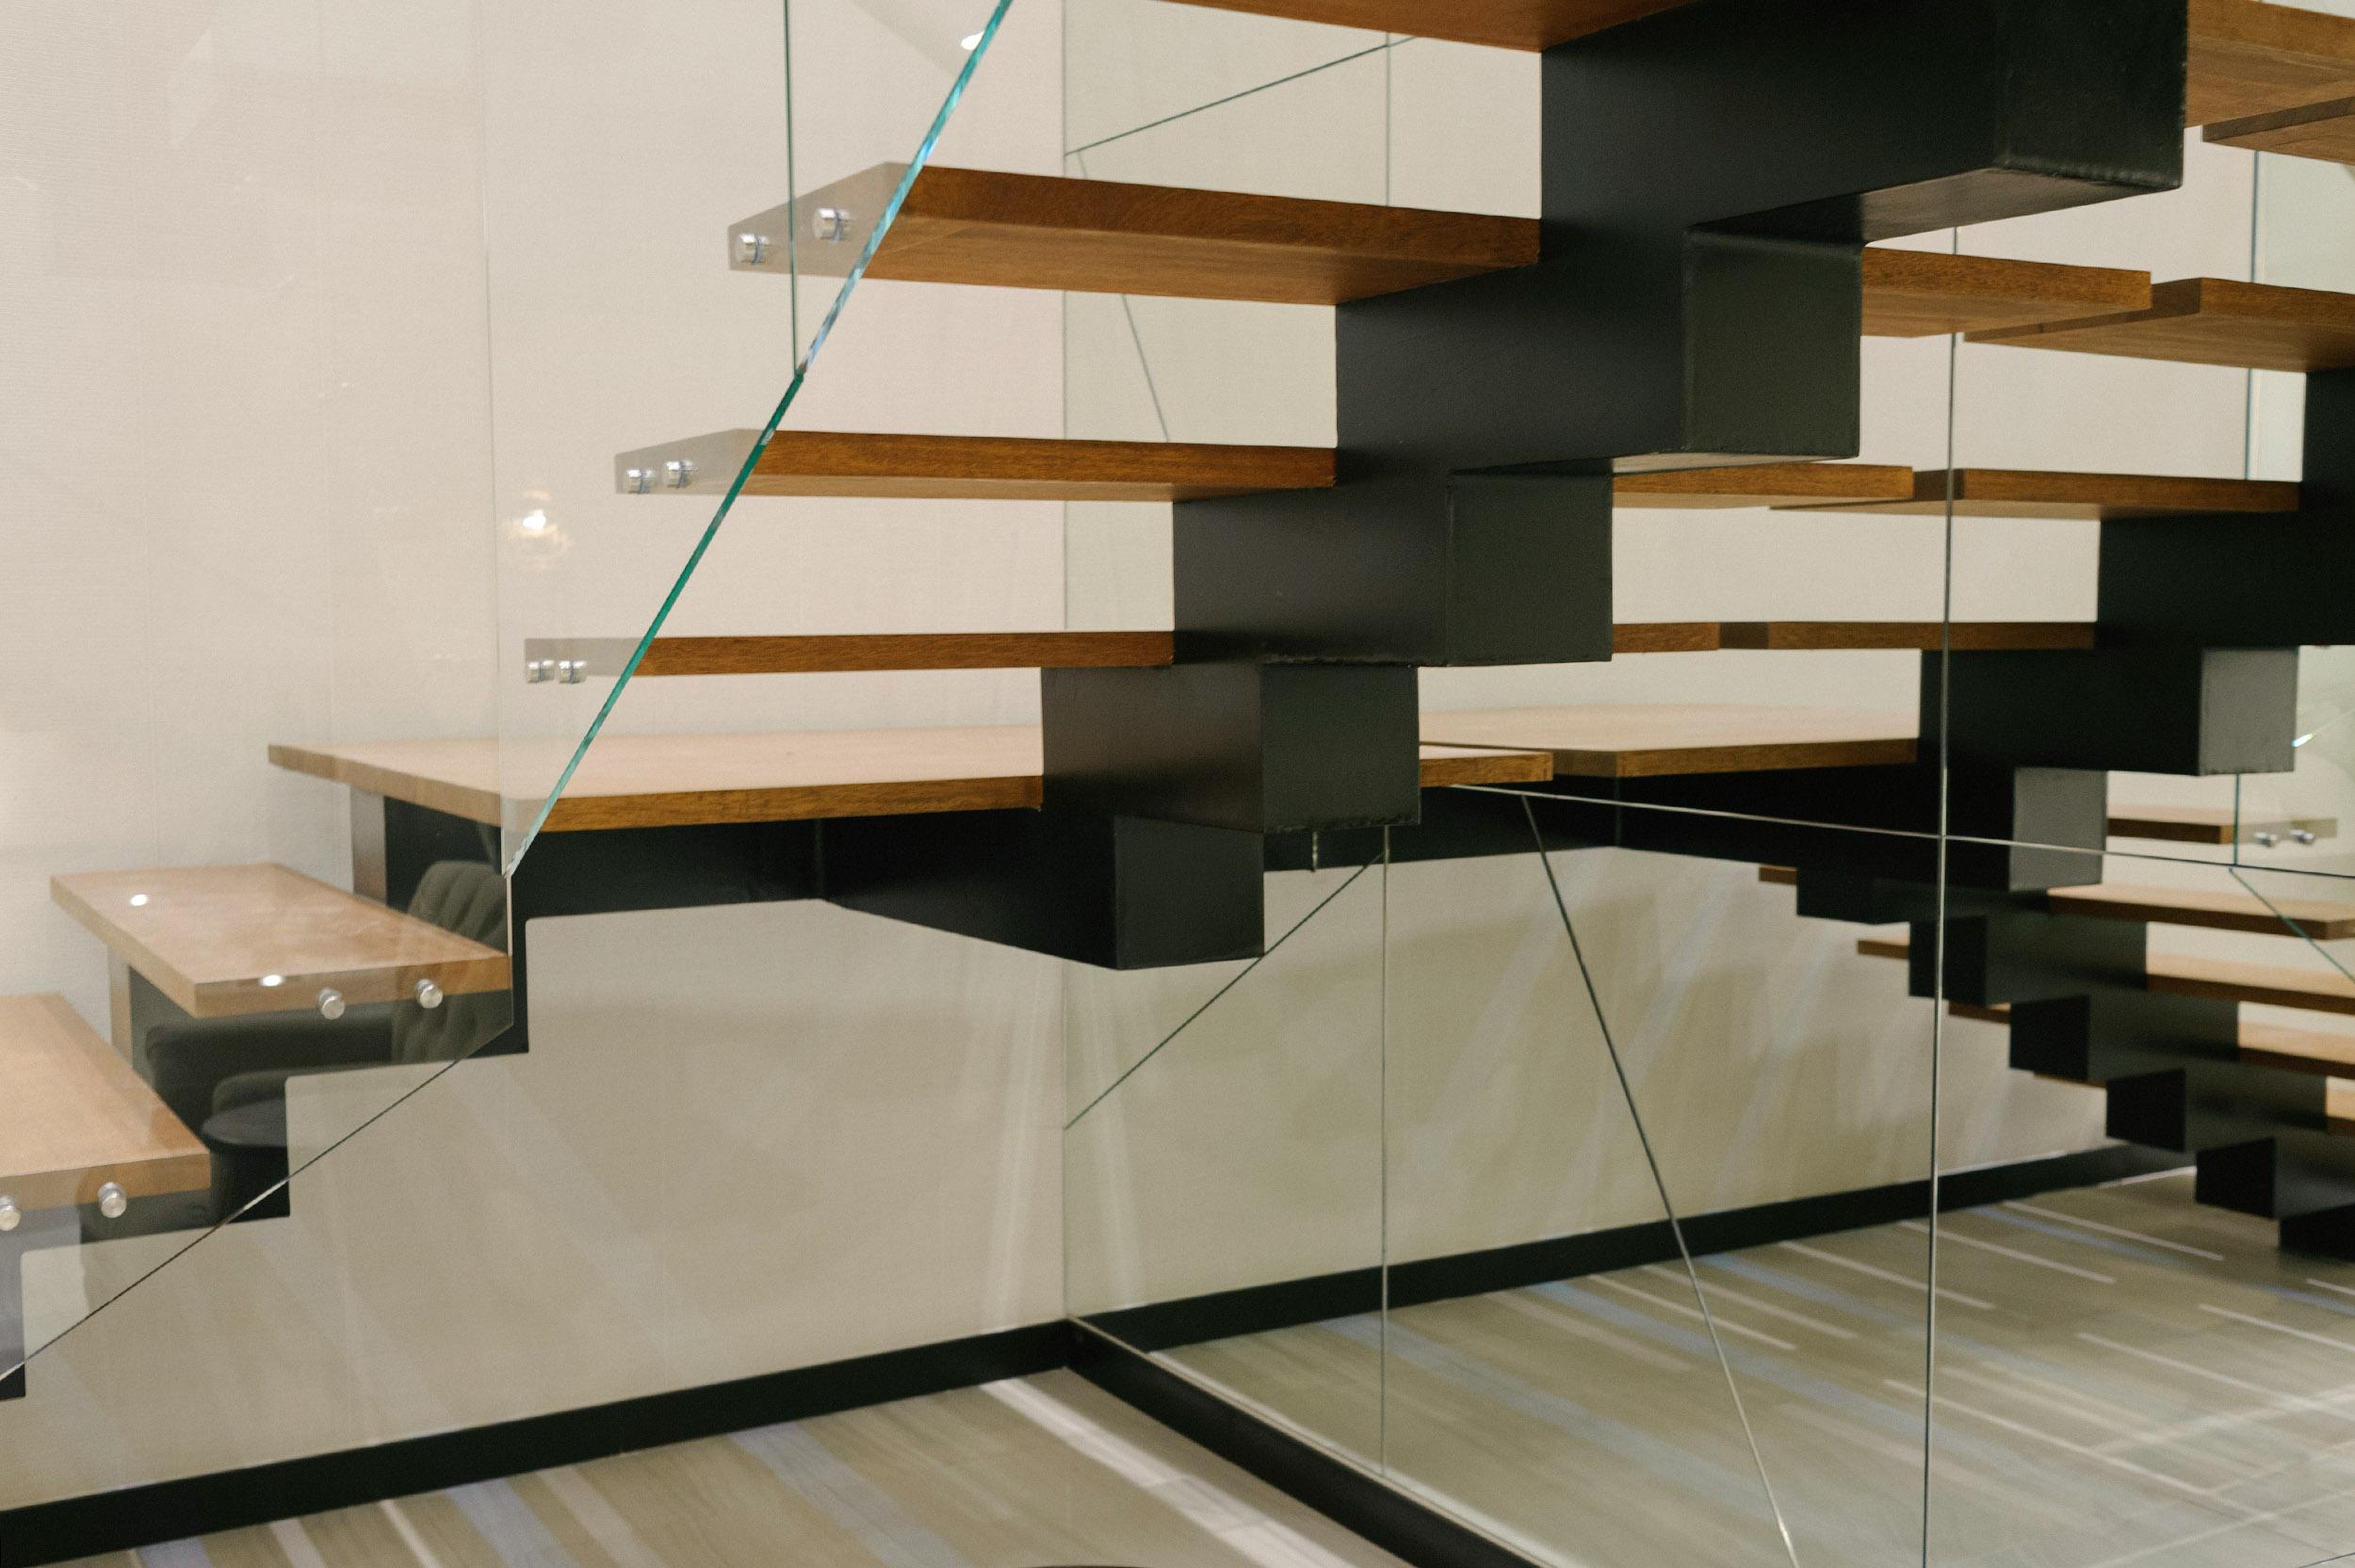 Escaleras con pasamanos de vidrio que se adapta al diseño de las gradas y le brinda transparencia